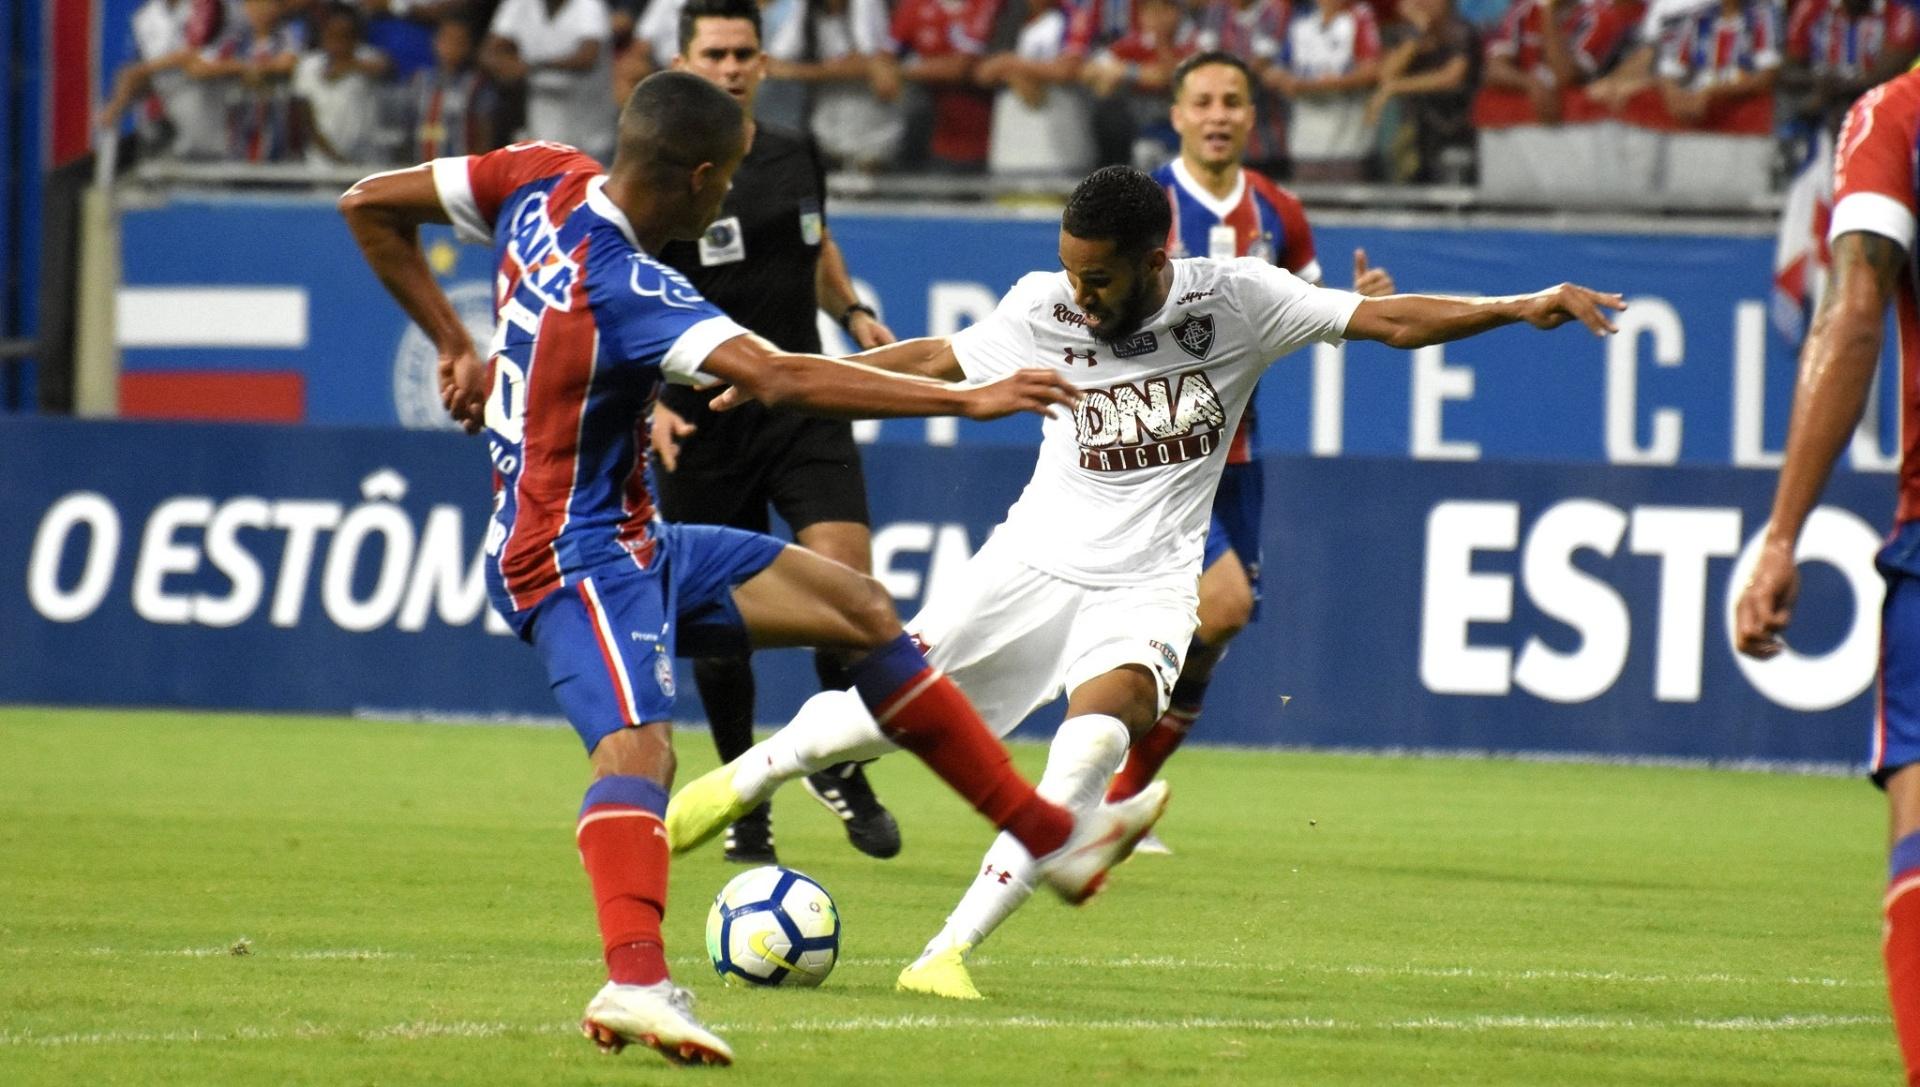 5d93c921a0 Sexto jogo sem vitória  Flu perde para o Bahia e fica a 4 pontos da degola  - 22 11 2018 - UOL Esporte